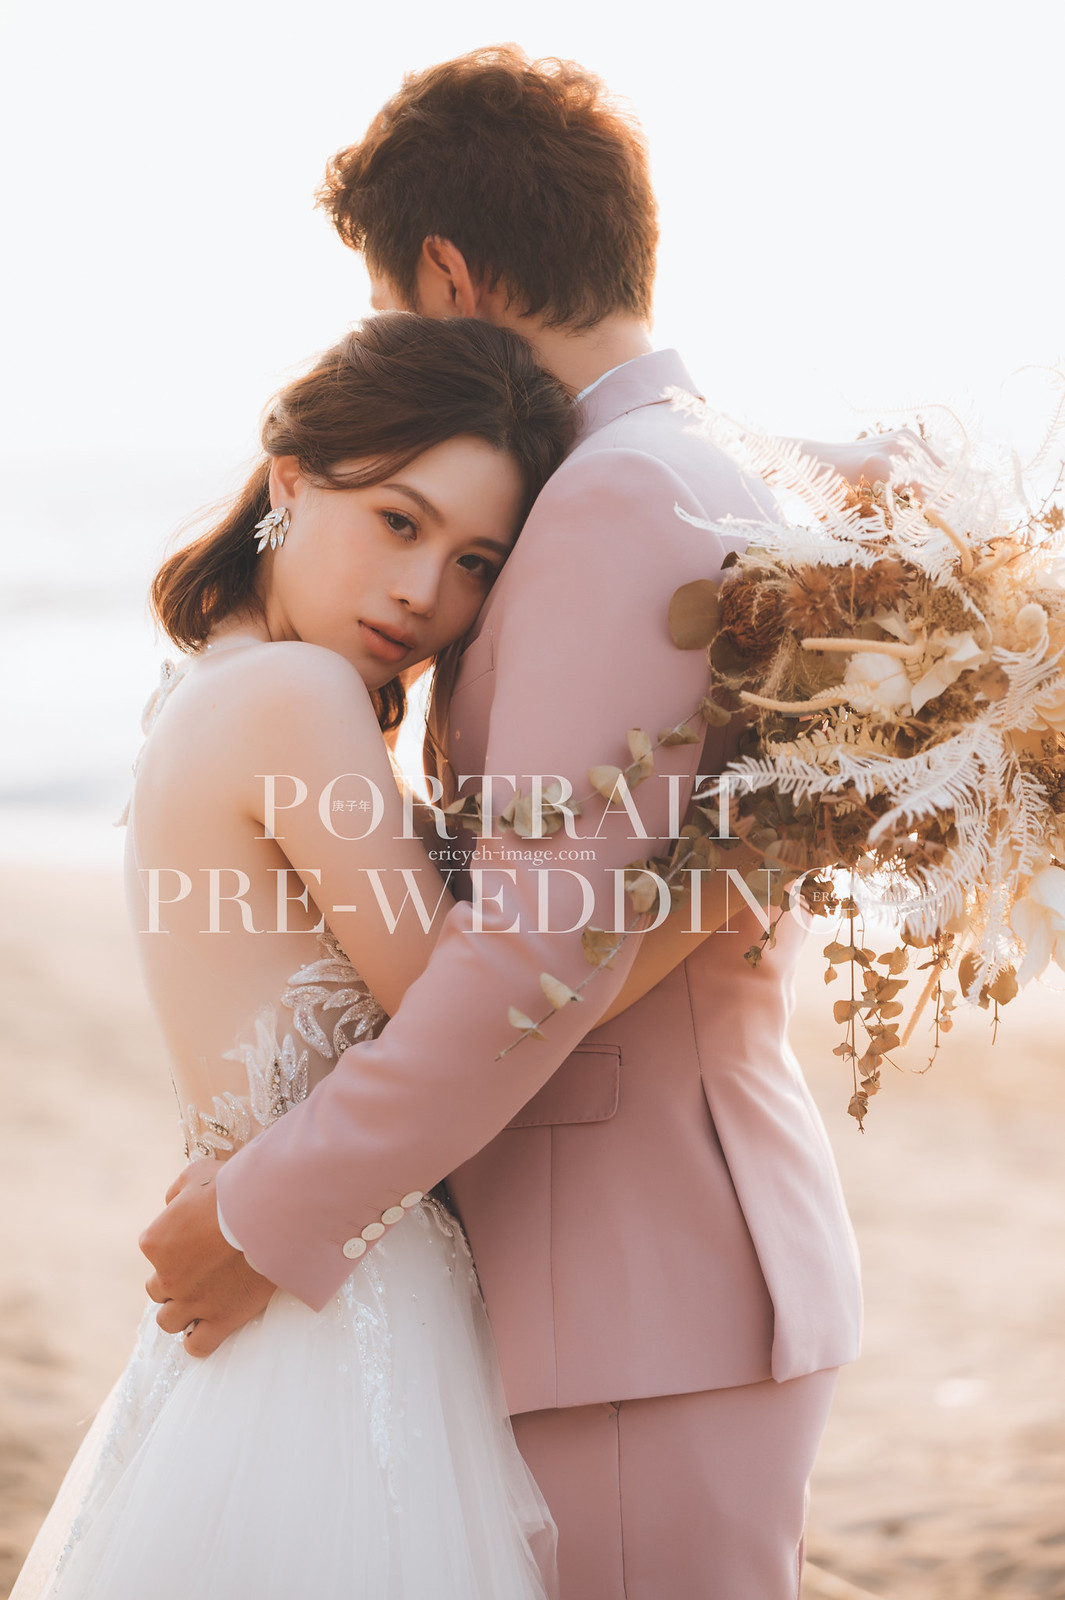 《婚紗影像》小詹 & 苡安 / 攝影師 Eric Yeh / 良大攝影工作室